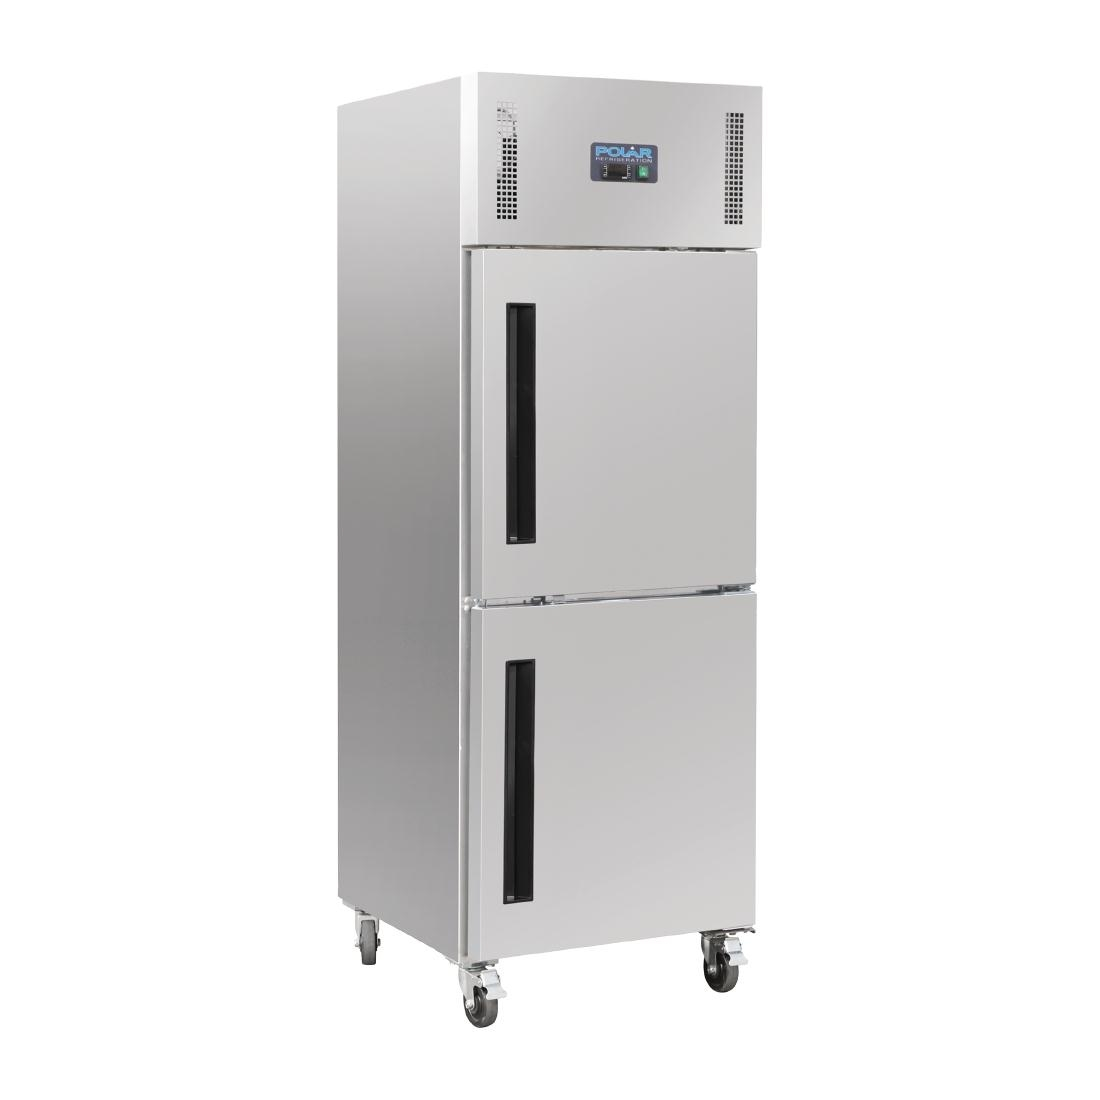 Armoire réfrigérée négative 2 portillons GN 2/1 Polar